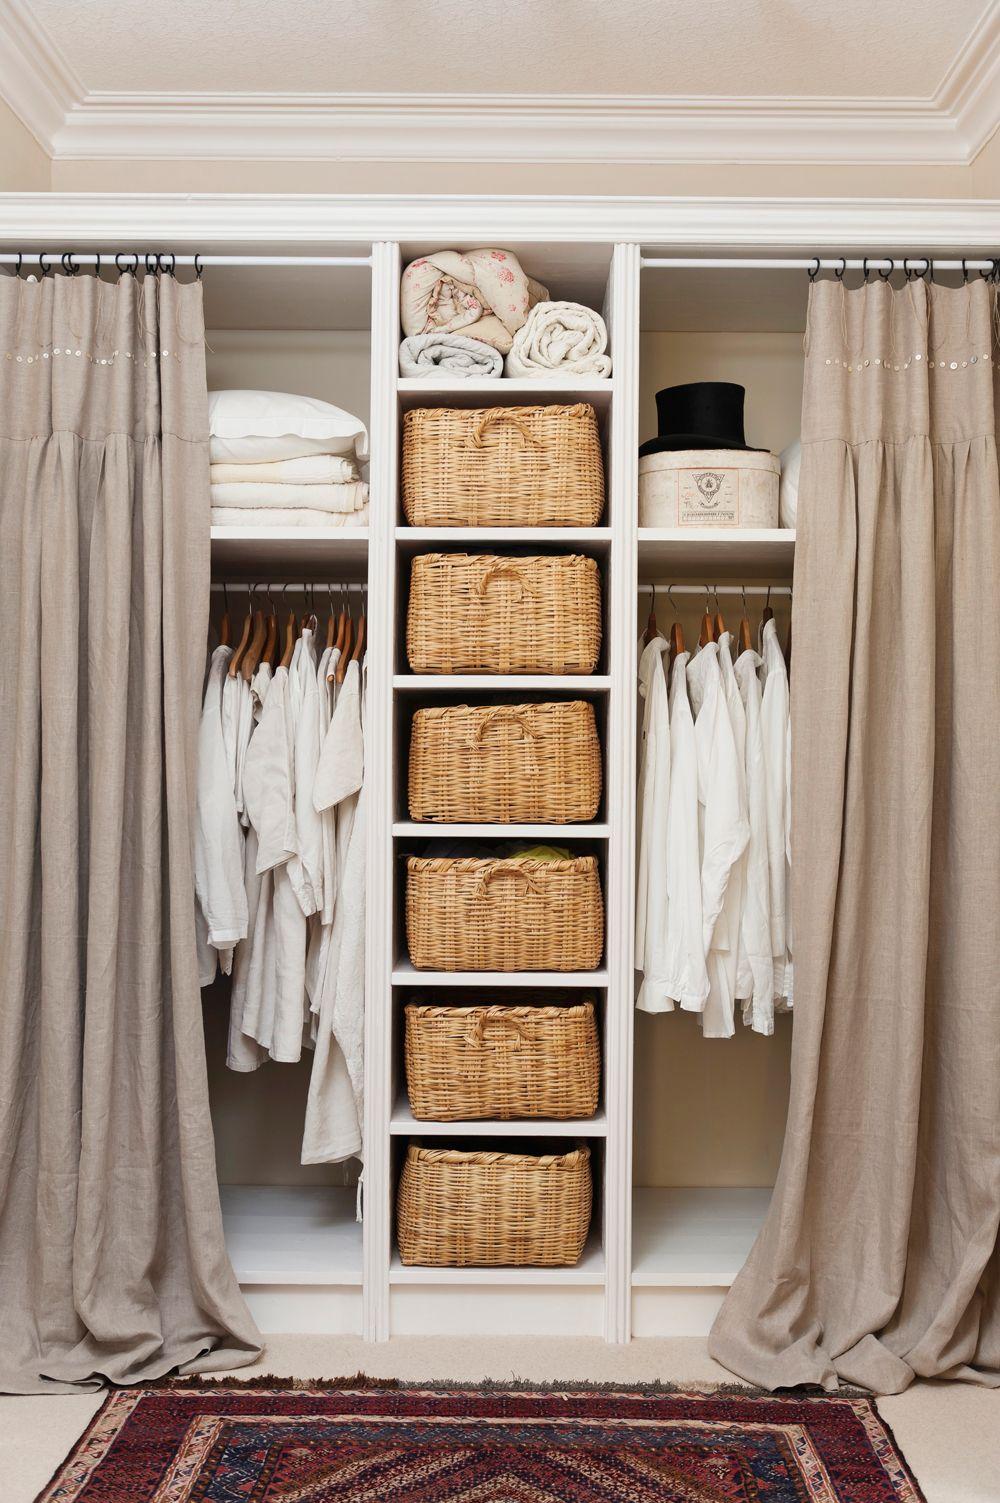 Cool Country Kleiner Raum Schlafzimmer Schlafzimmerideen Fur Kleine Raume Und Schrank Design